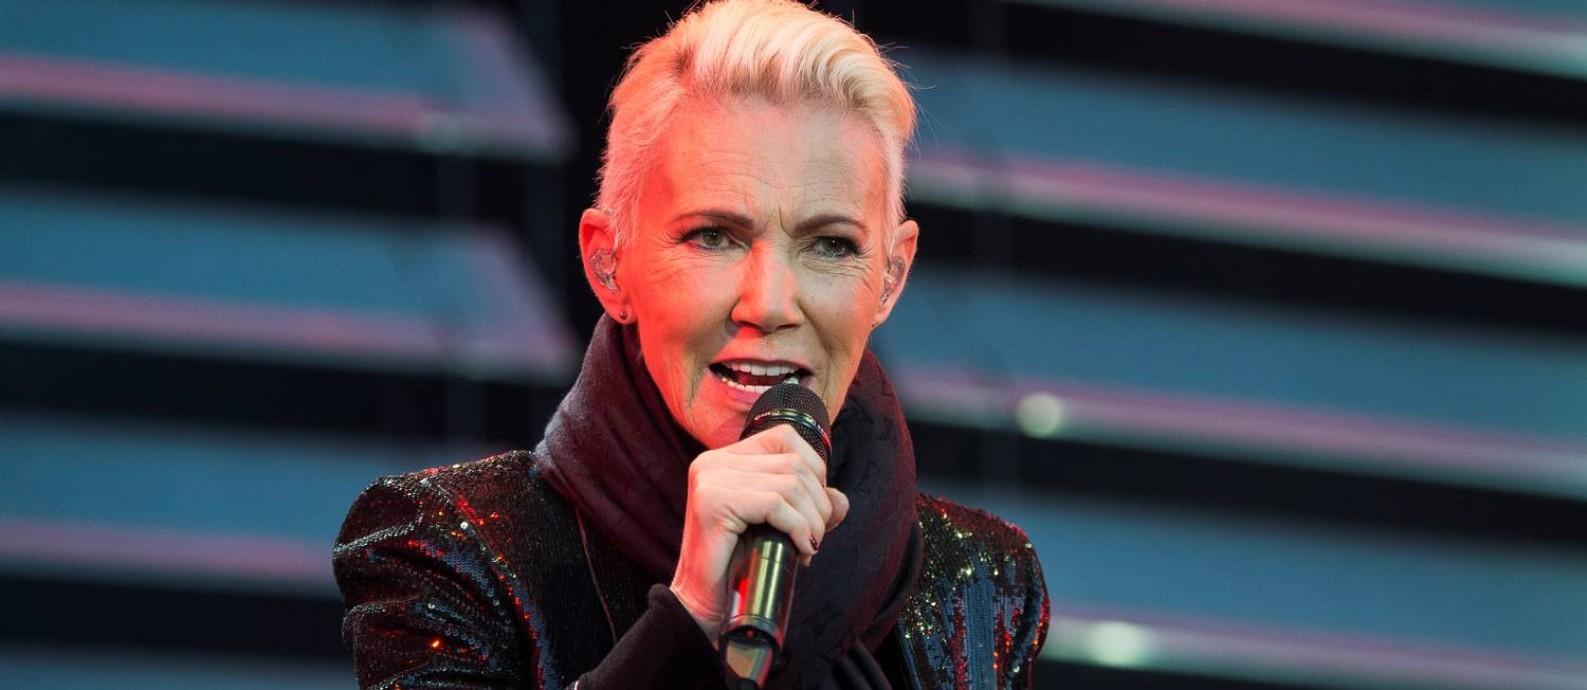 Marie Fredriksson, do Roxette,canta durante um show em Kalmar, na Suécia Foto: TT NEWS AGENCY / via REUTERS